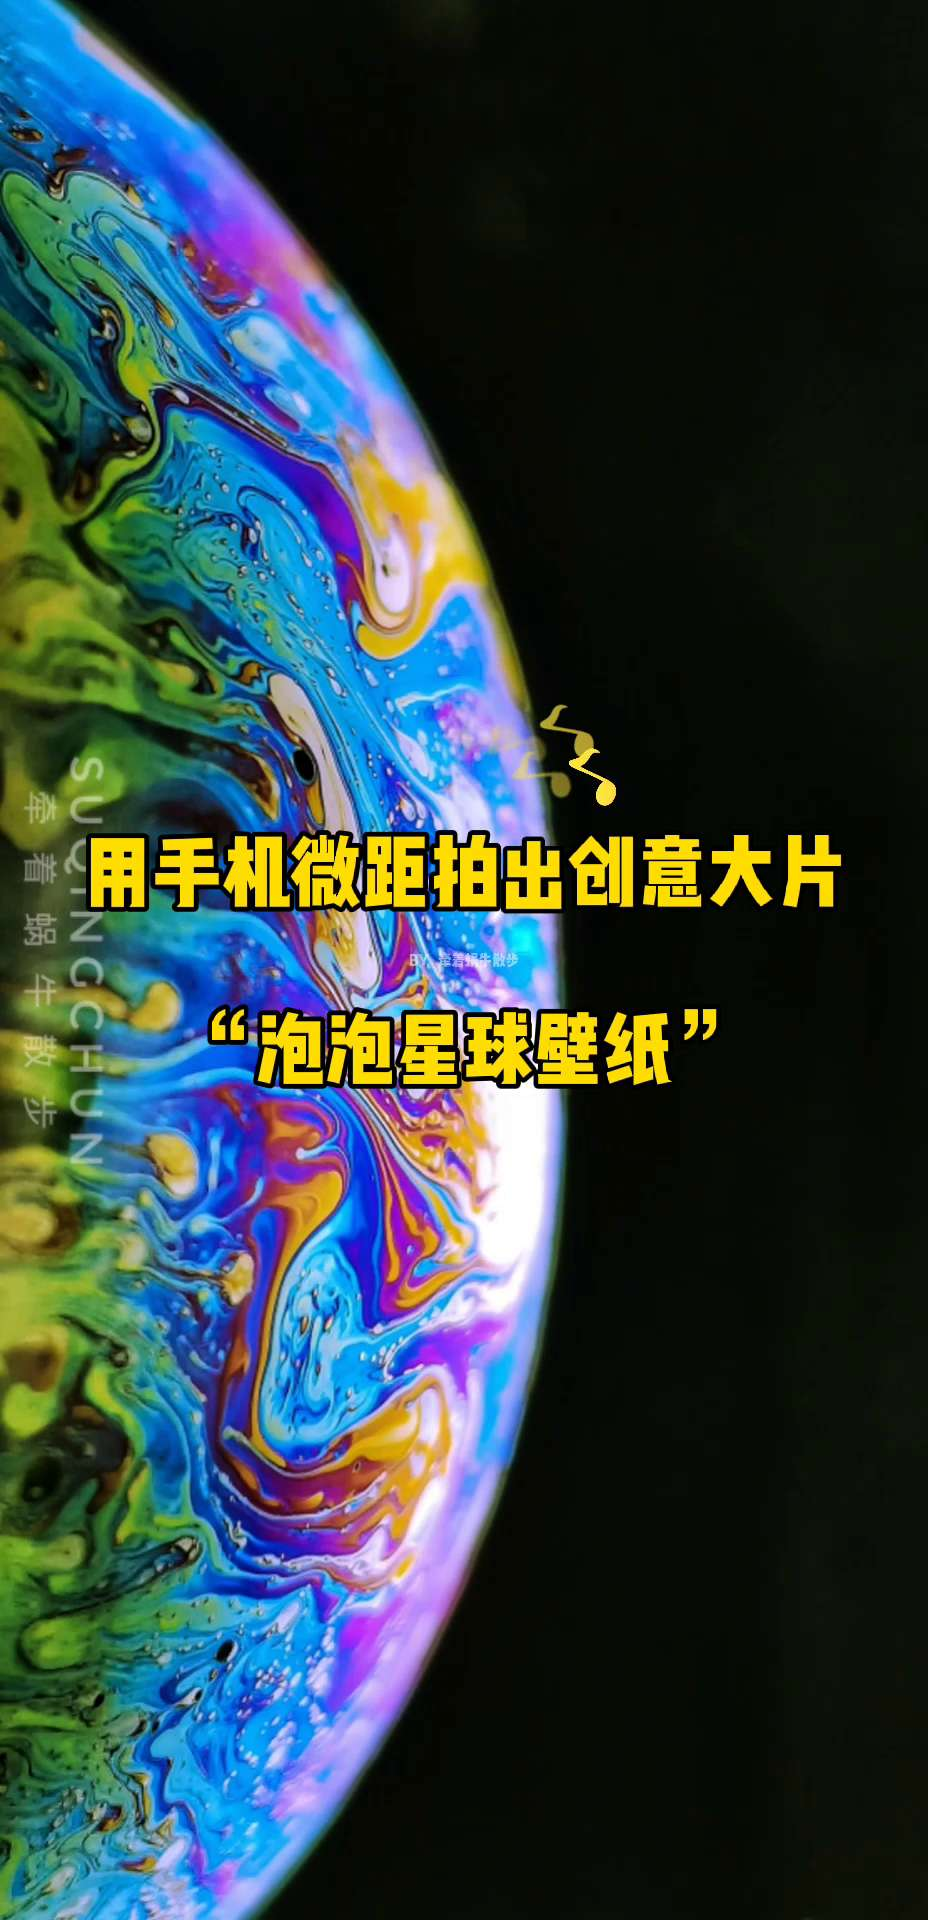 """【国庆花样玩手机赢P40】用手机微距拍出""""泡泡星球"""",花粉随手拍-花粉俱乐部"""